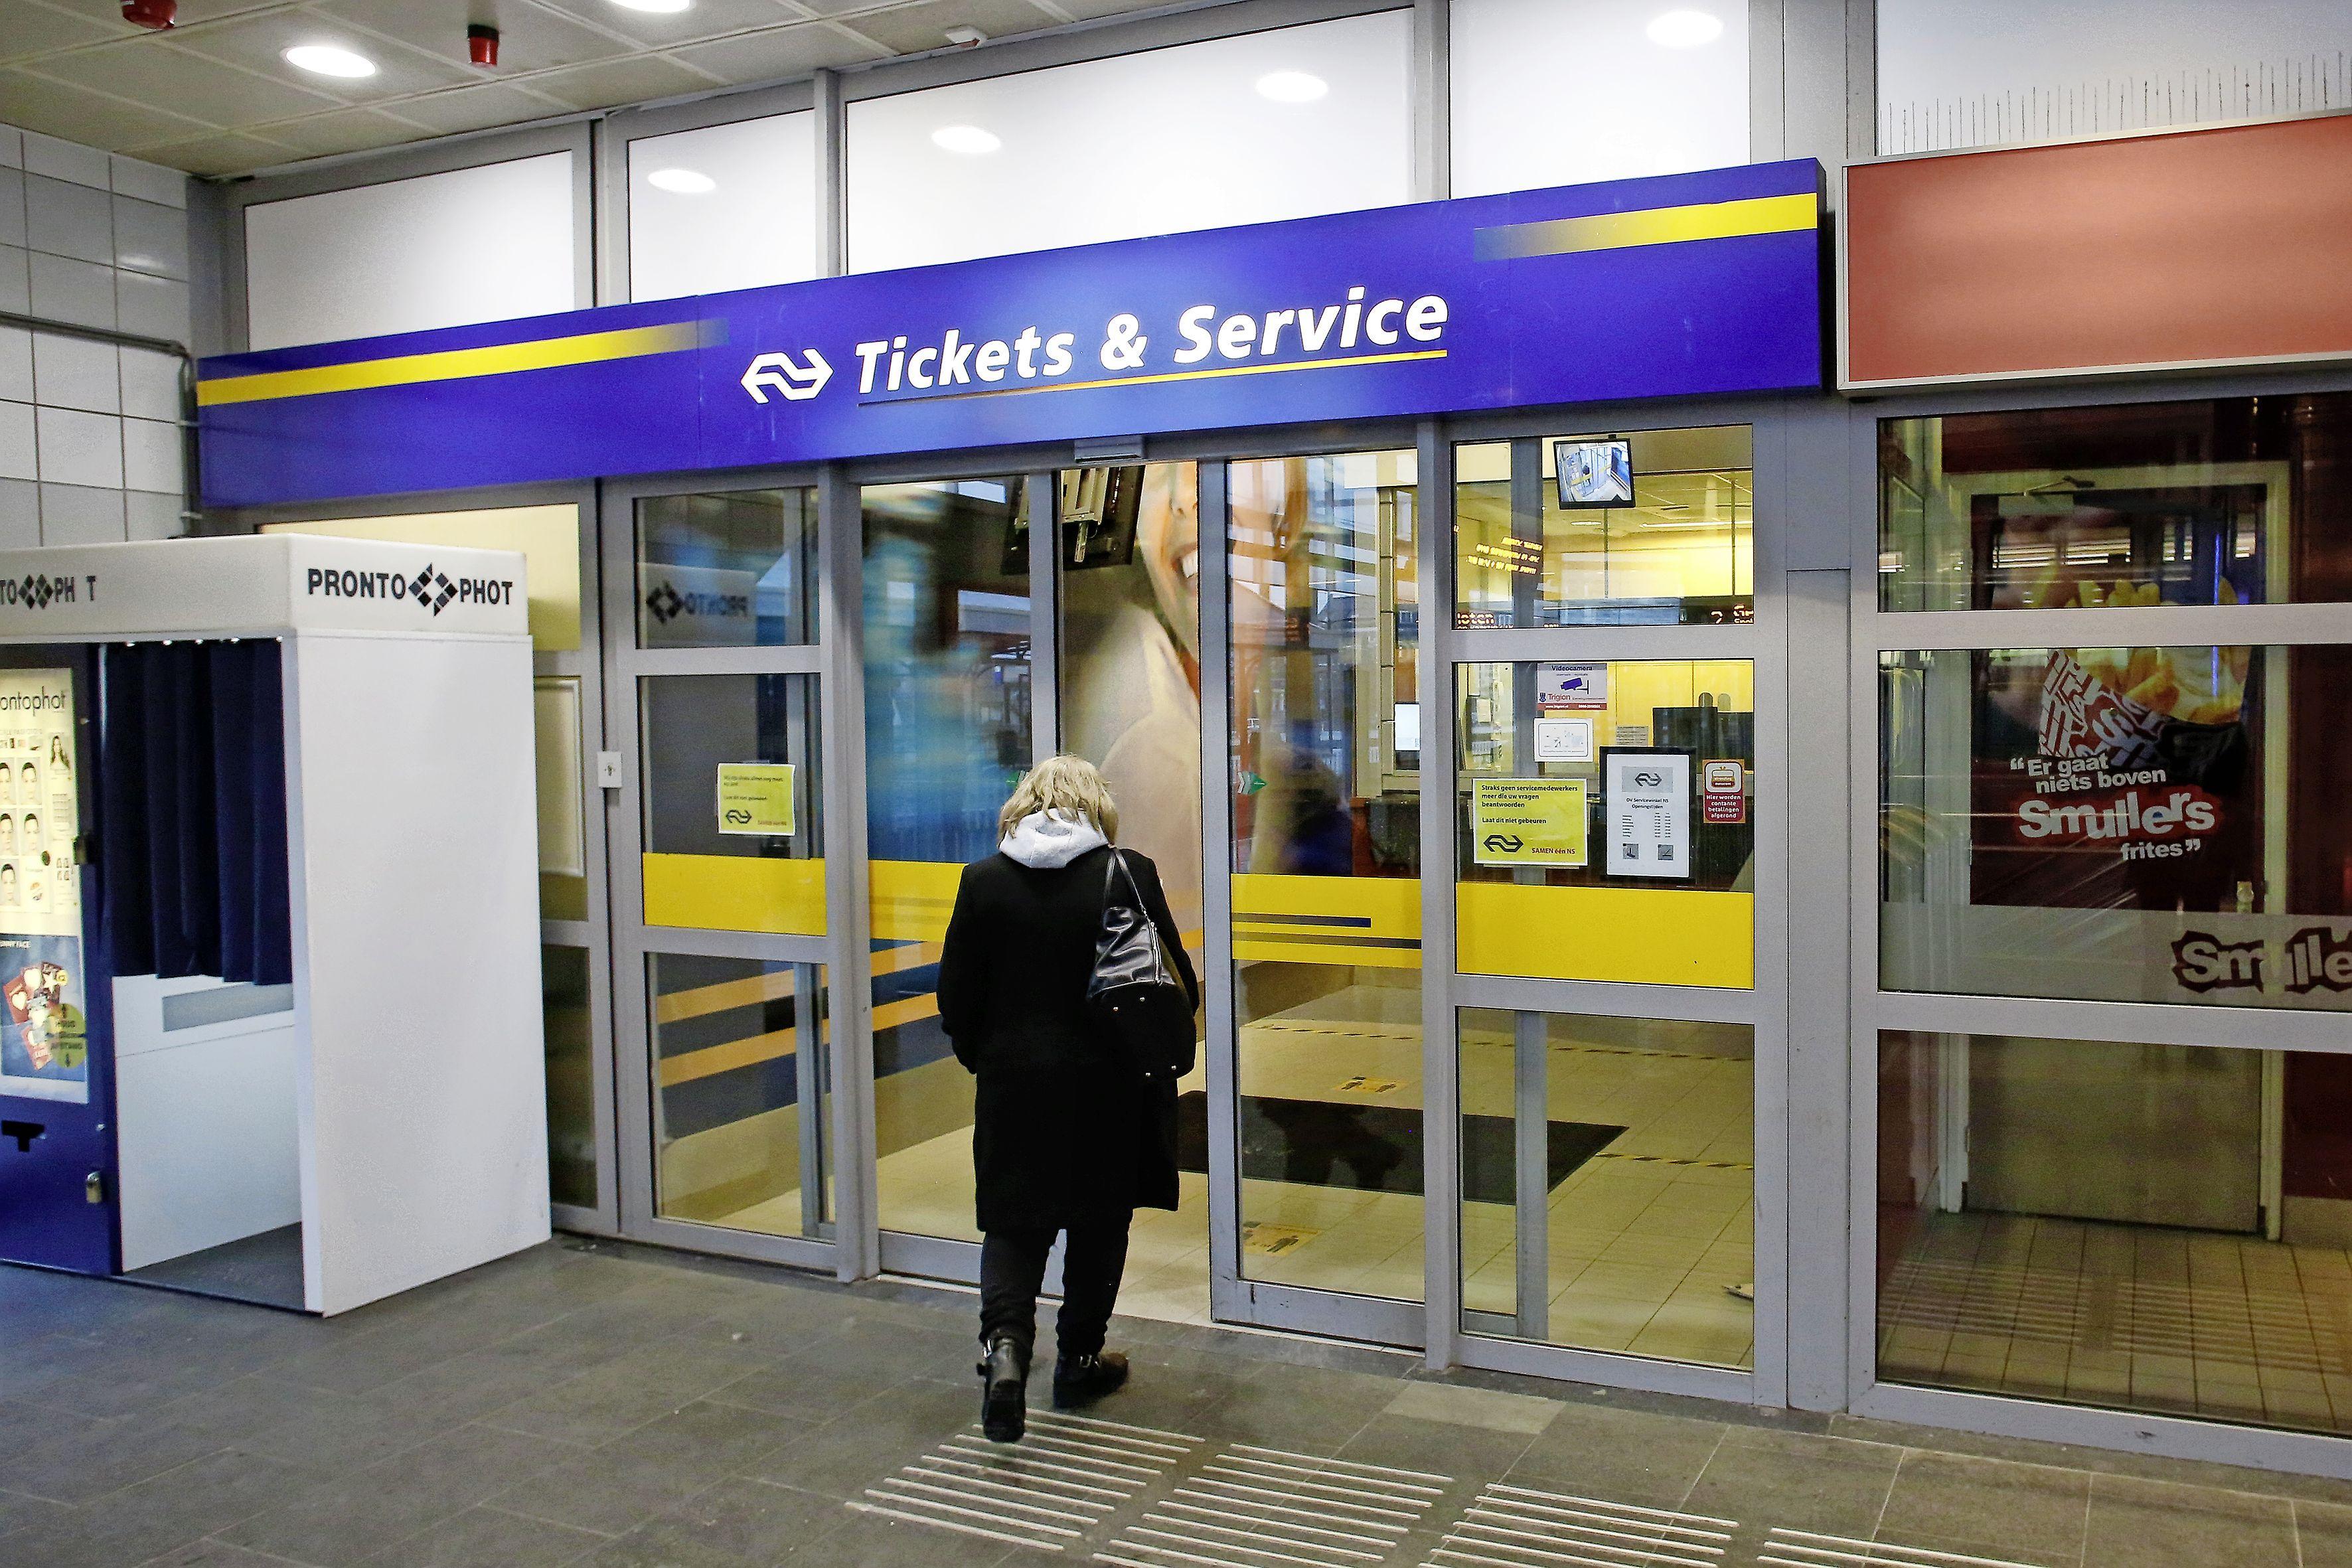 Service- en ticketbalie op station Hilversum gaat toch dicht. 'Voorlopig', meldt de NS. 'Vanwege een tekort aan personeel'